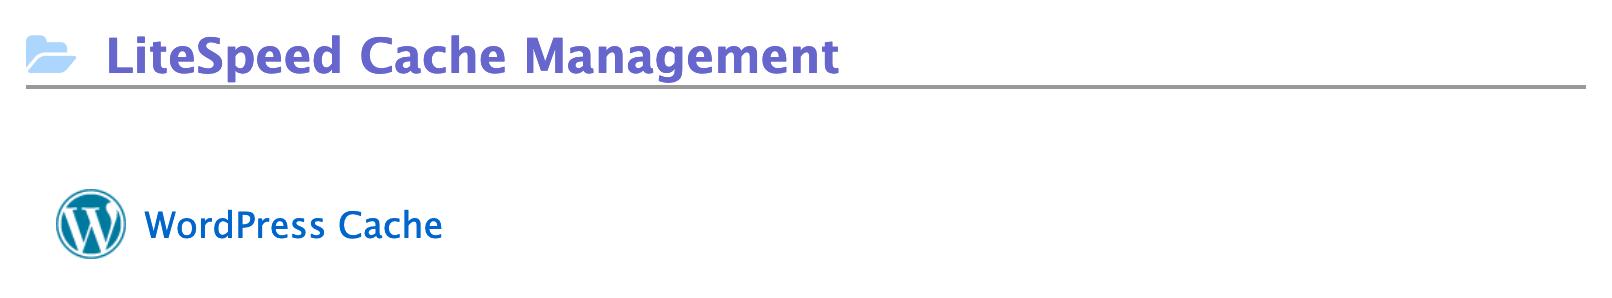 litespeed cache management